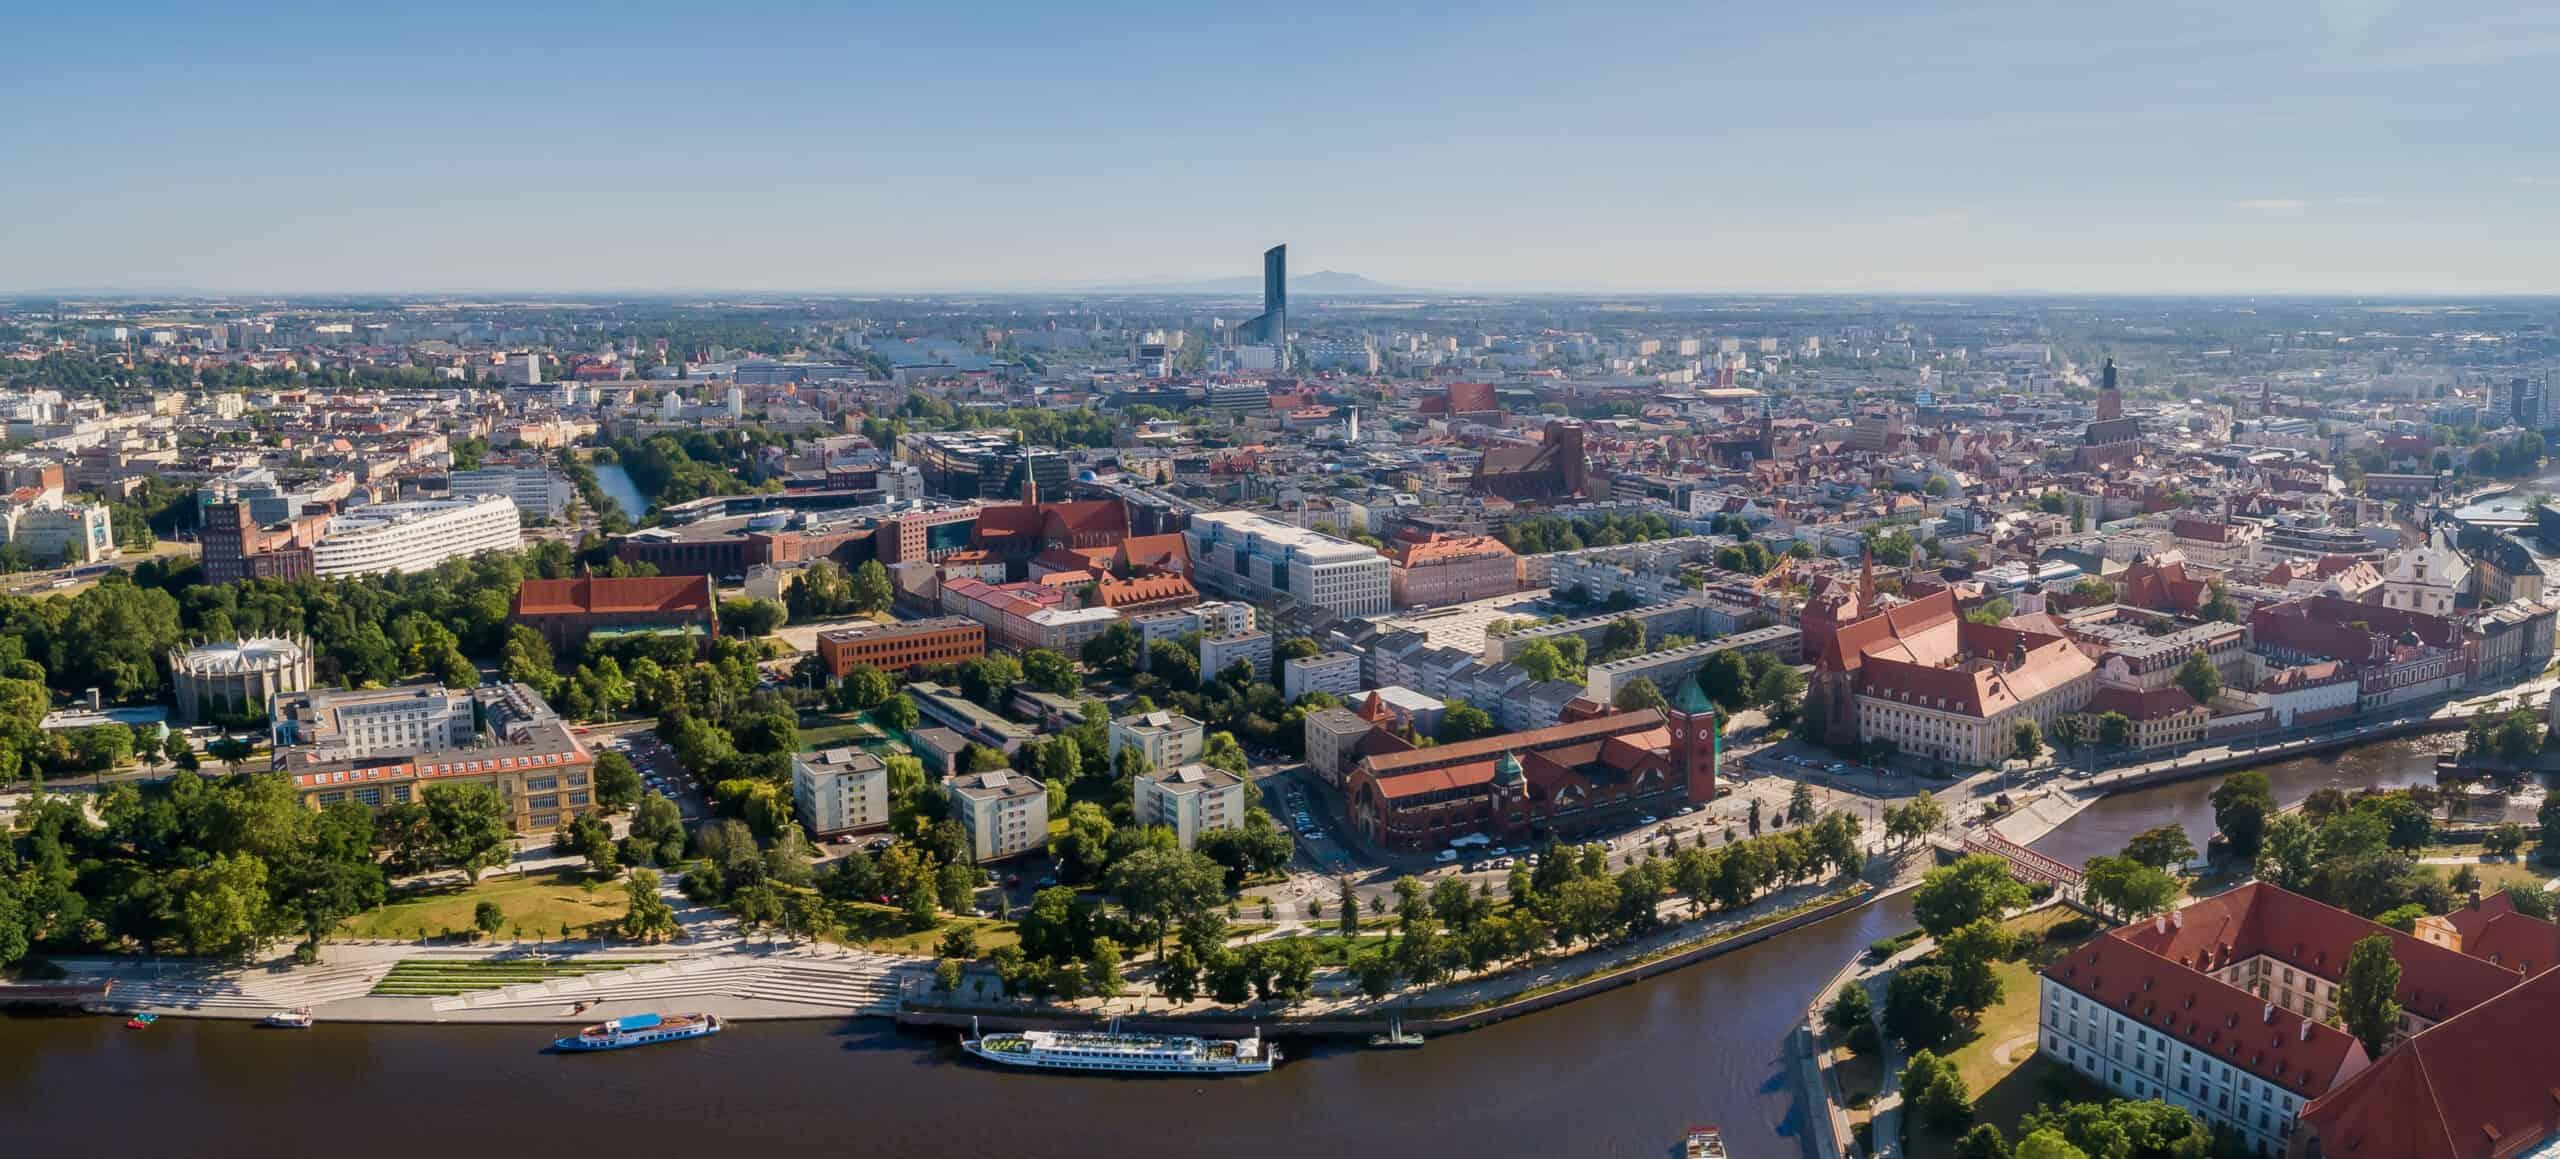 Zdjęcia z drona Wrocław